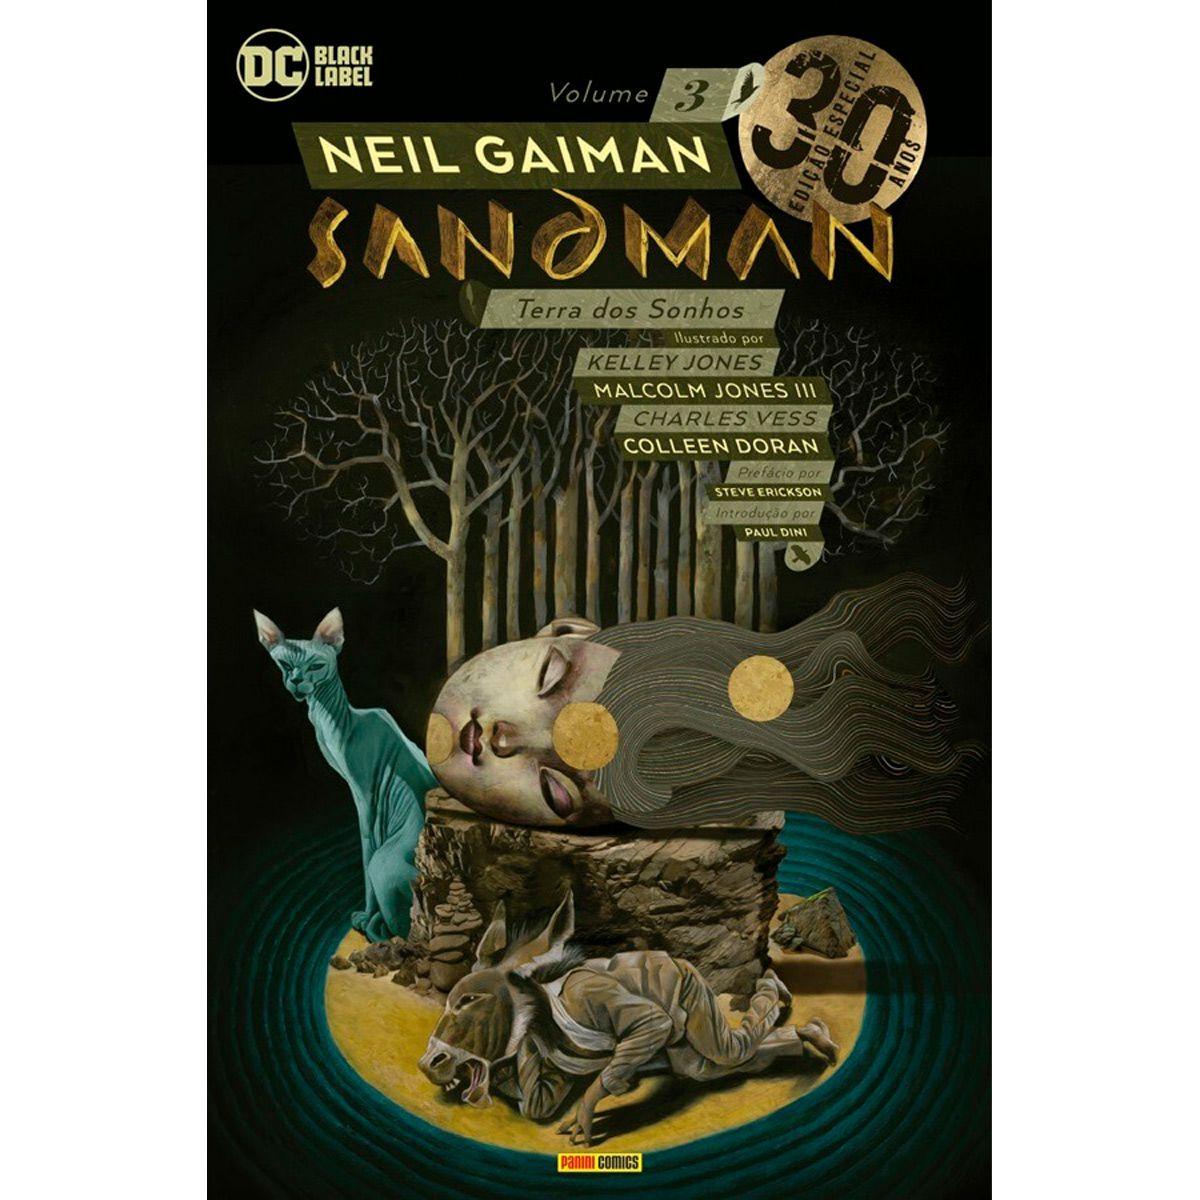 Sandman Vol. 3 - Edição Especial de 30 Anos - Terra dos Sonhos